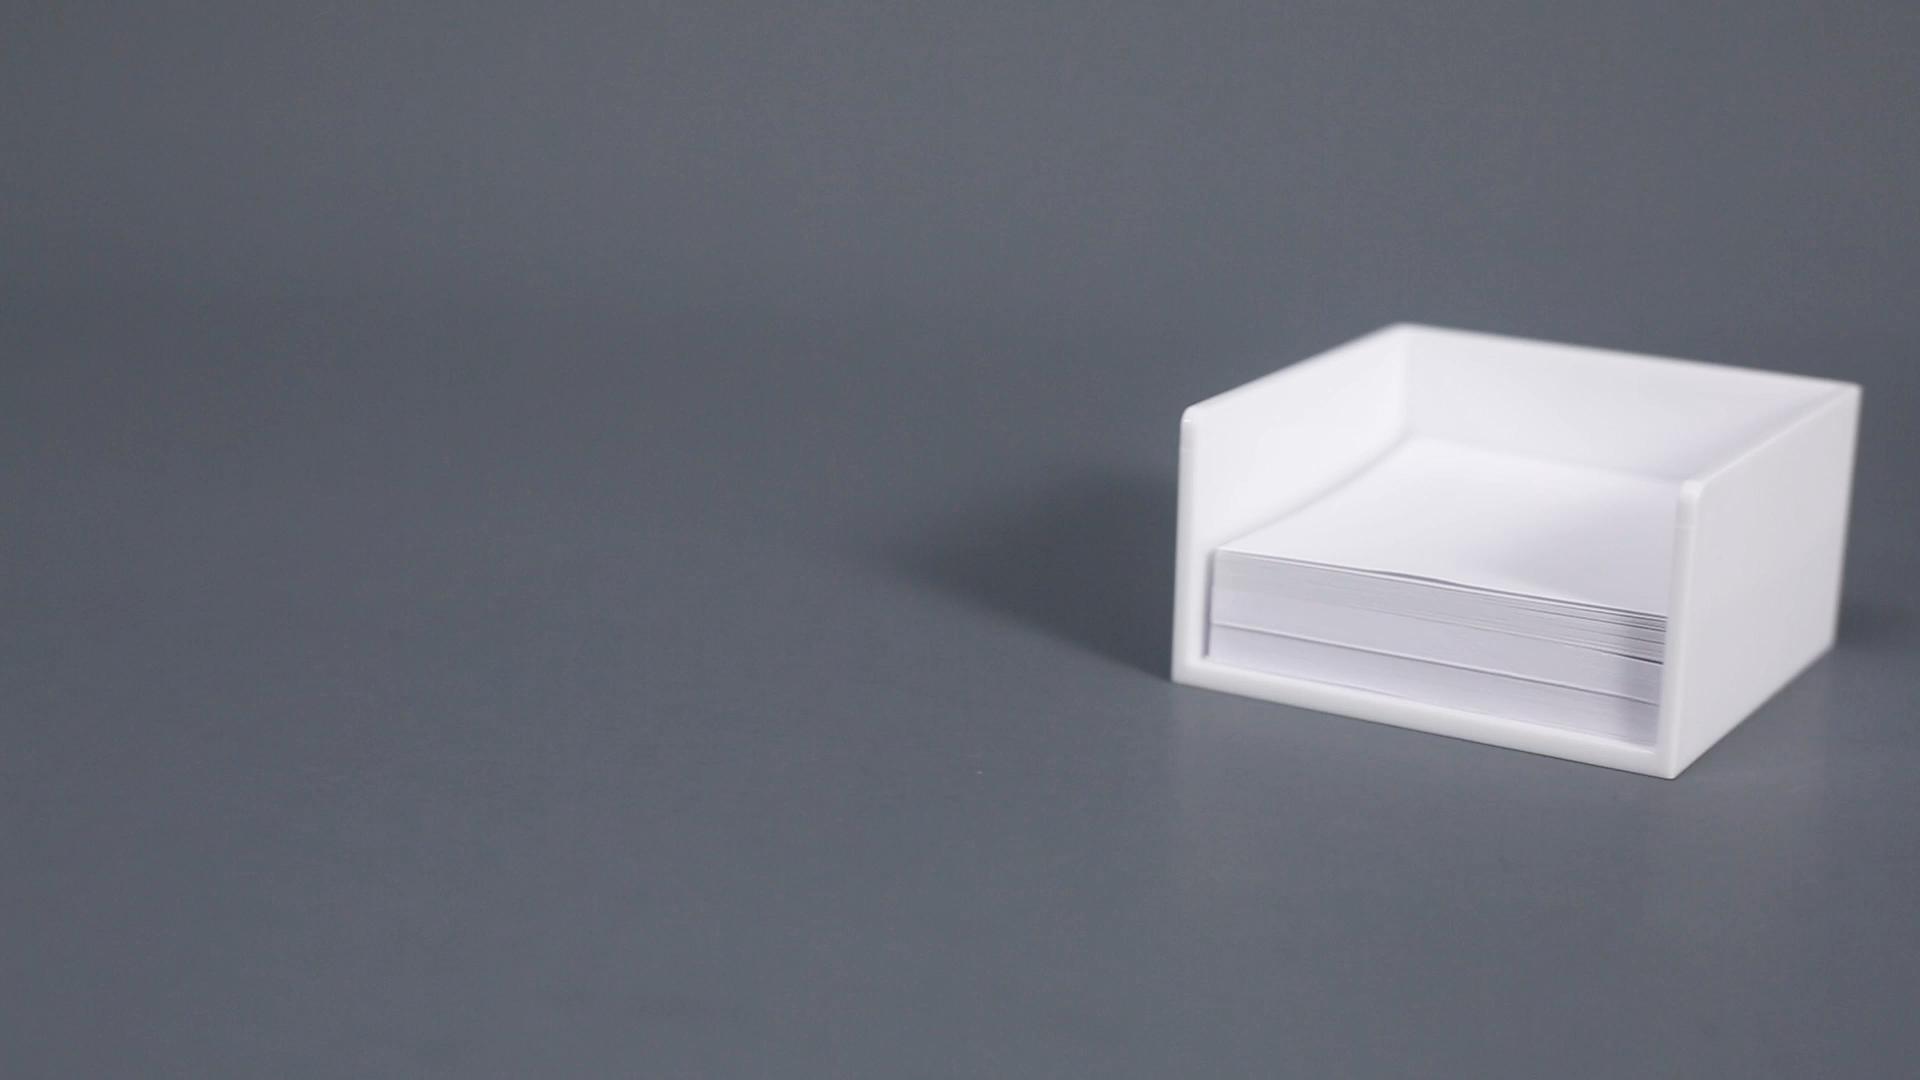 Wholesale Plastic Desktop Business Card Holder name card holder for desk